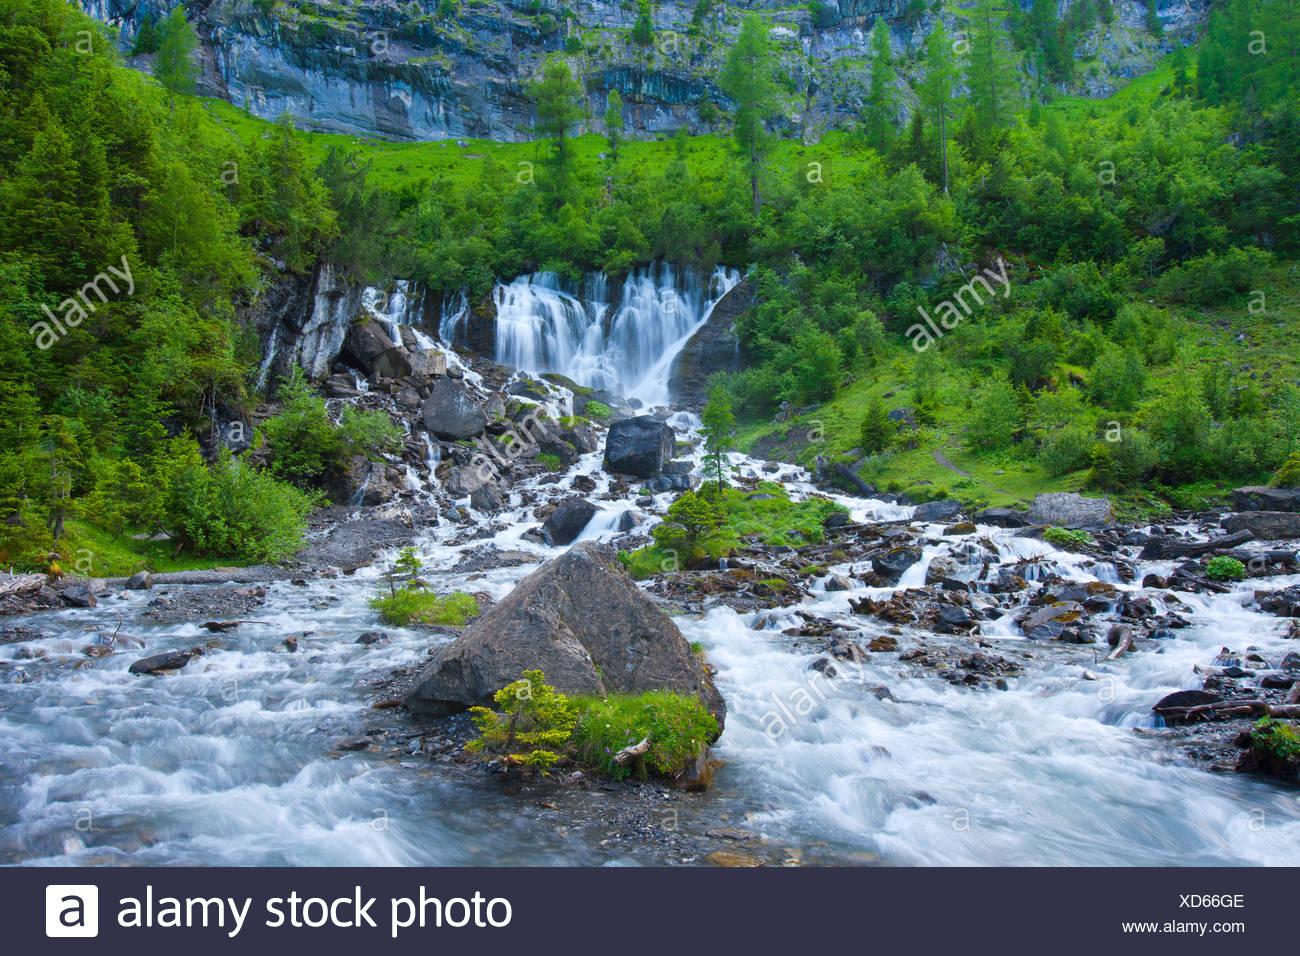 Sieben Brunnen, Sieben Brunnen, Schweiz, Kanton Bern, Berner Oberland, Simmental, Holz, Wald, Frühling, Quelle, Wasserfall, Bro Stockbild